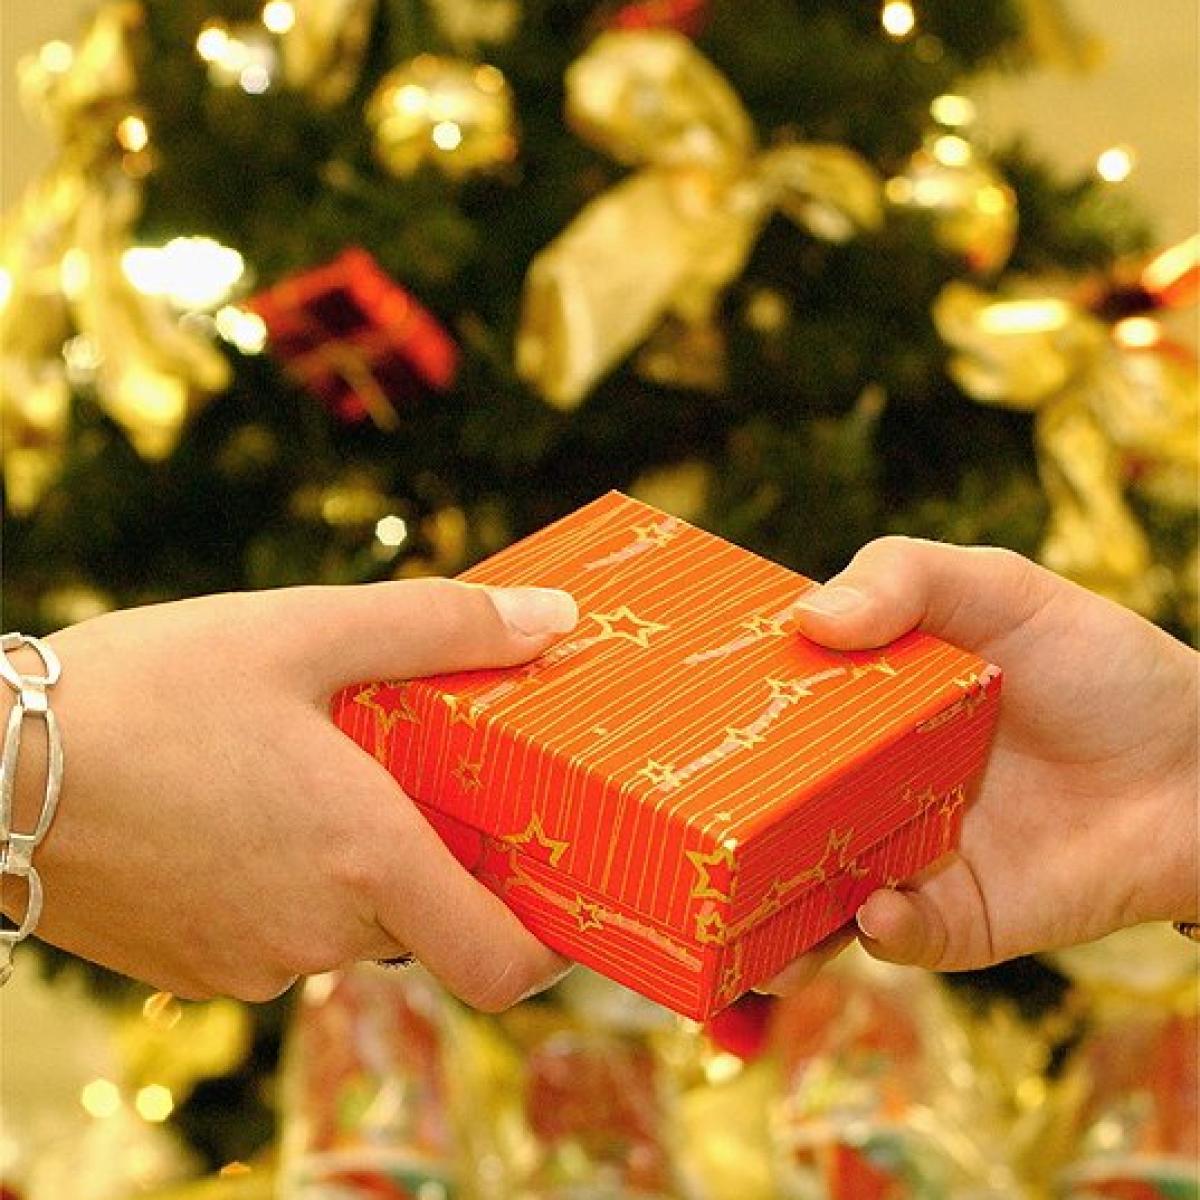 Weihnachtsgeschenke: Weihnachtsgeschenke umtauschen: Diese Rechte ...